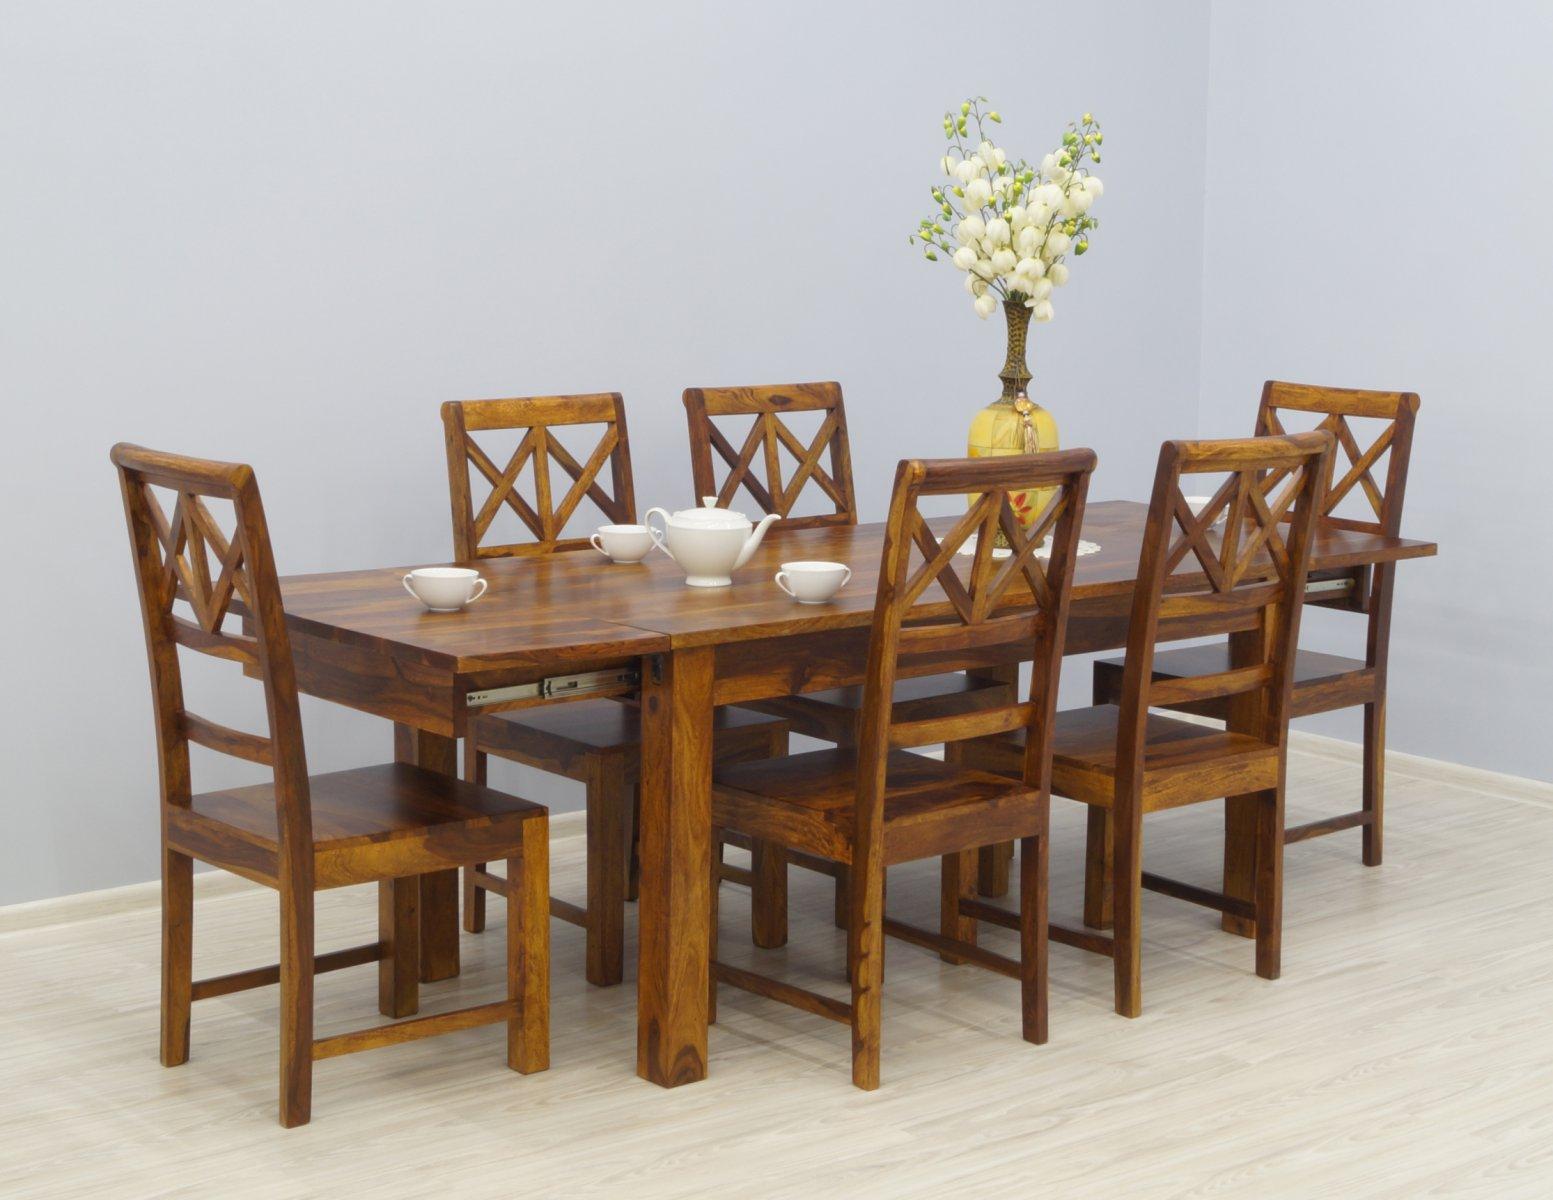 Komplet obiadowy indyjski stół rozkładany + 6 krzeseł lite drewno palisander miodowy brąz nowoczesny